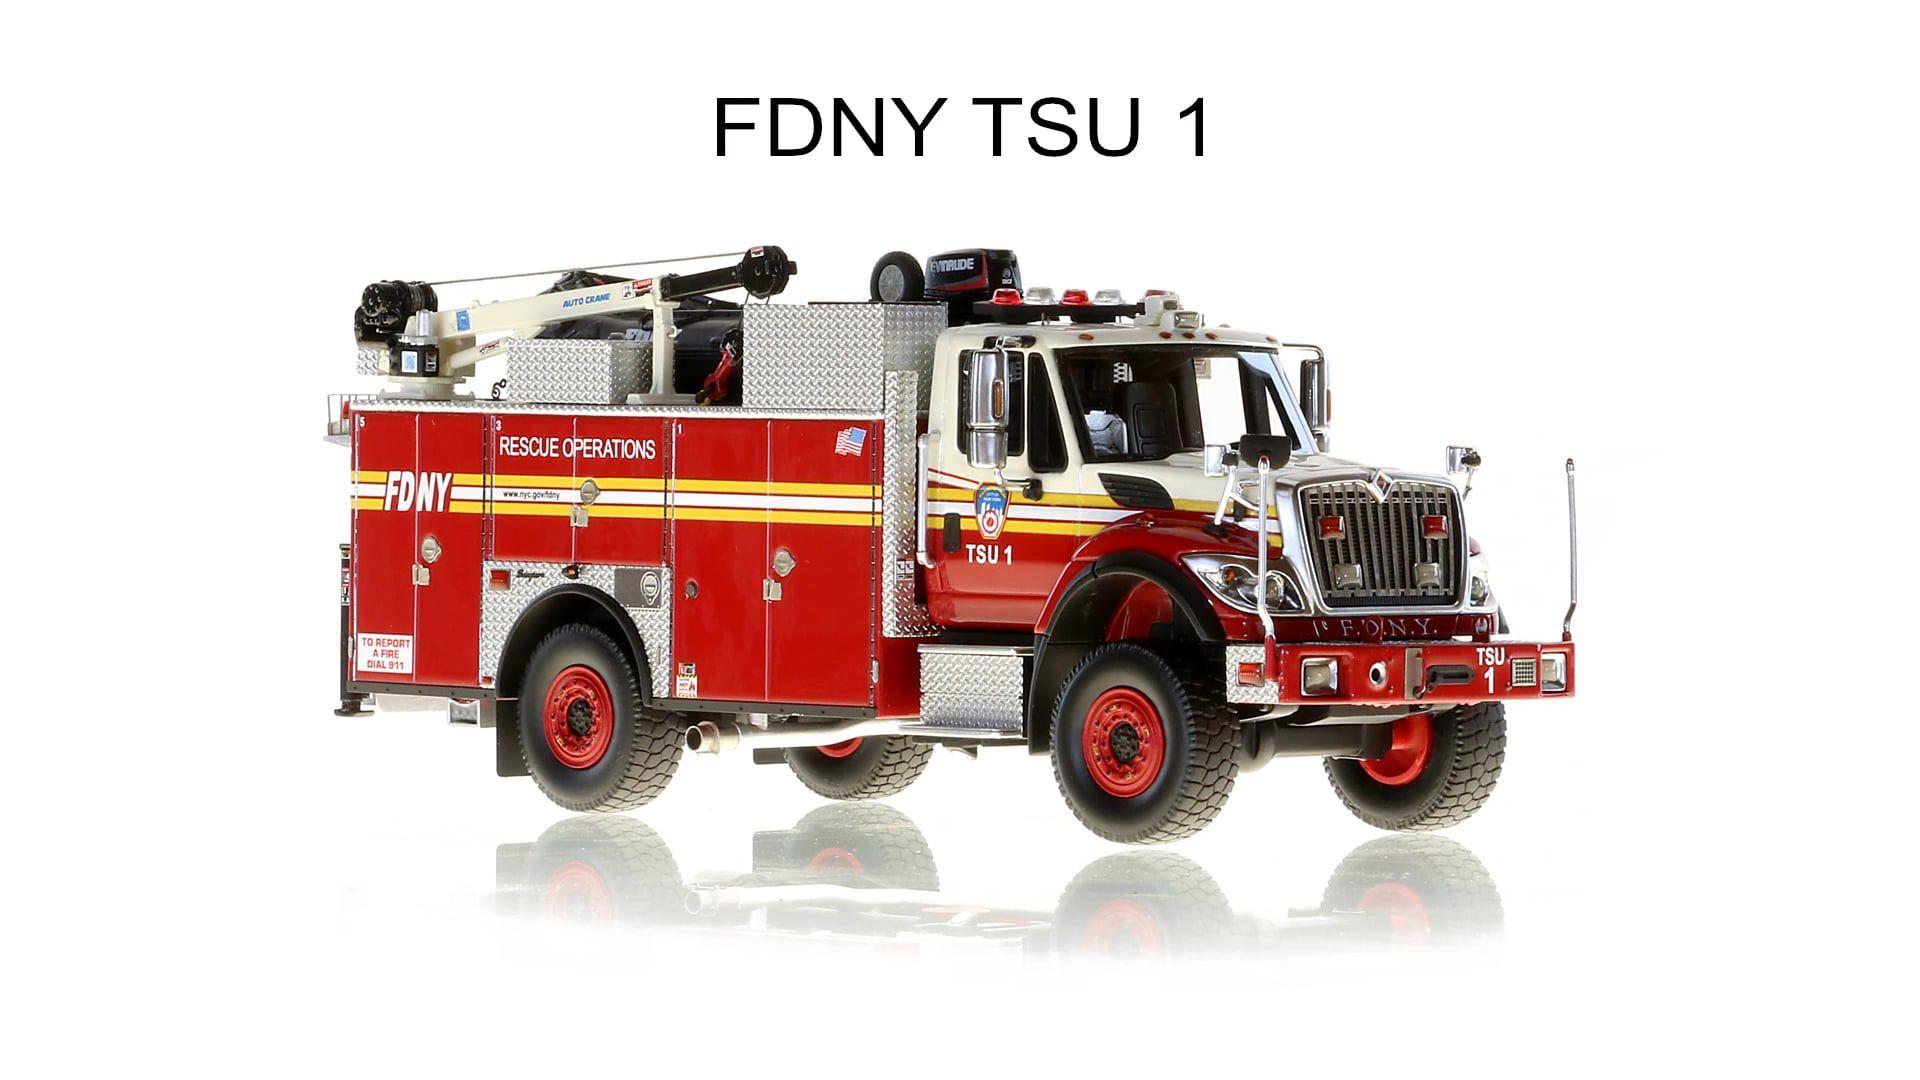 Pin On Fdny Tsu 1